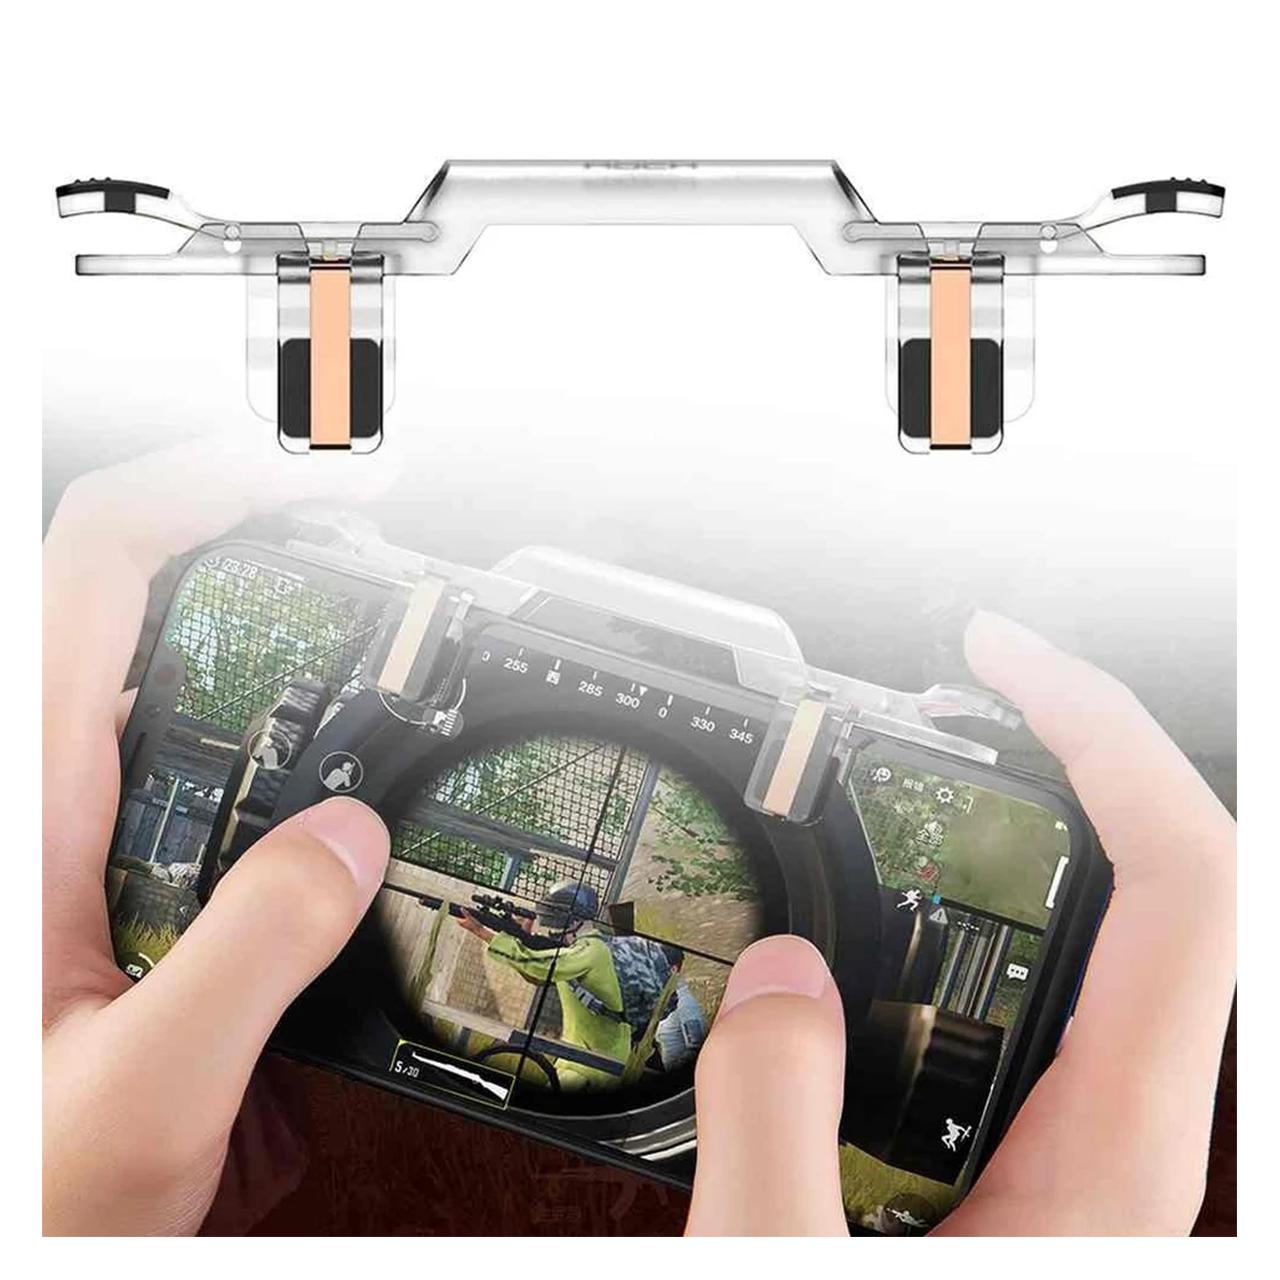 دسته بازی PubG هوک مدل HK001 مناسب برای گوشی موبایل              ( قیمت و خرید)